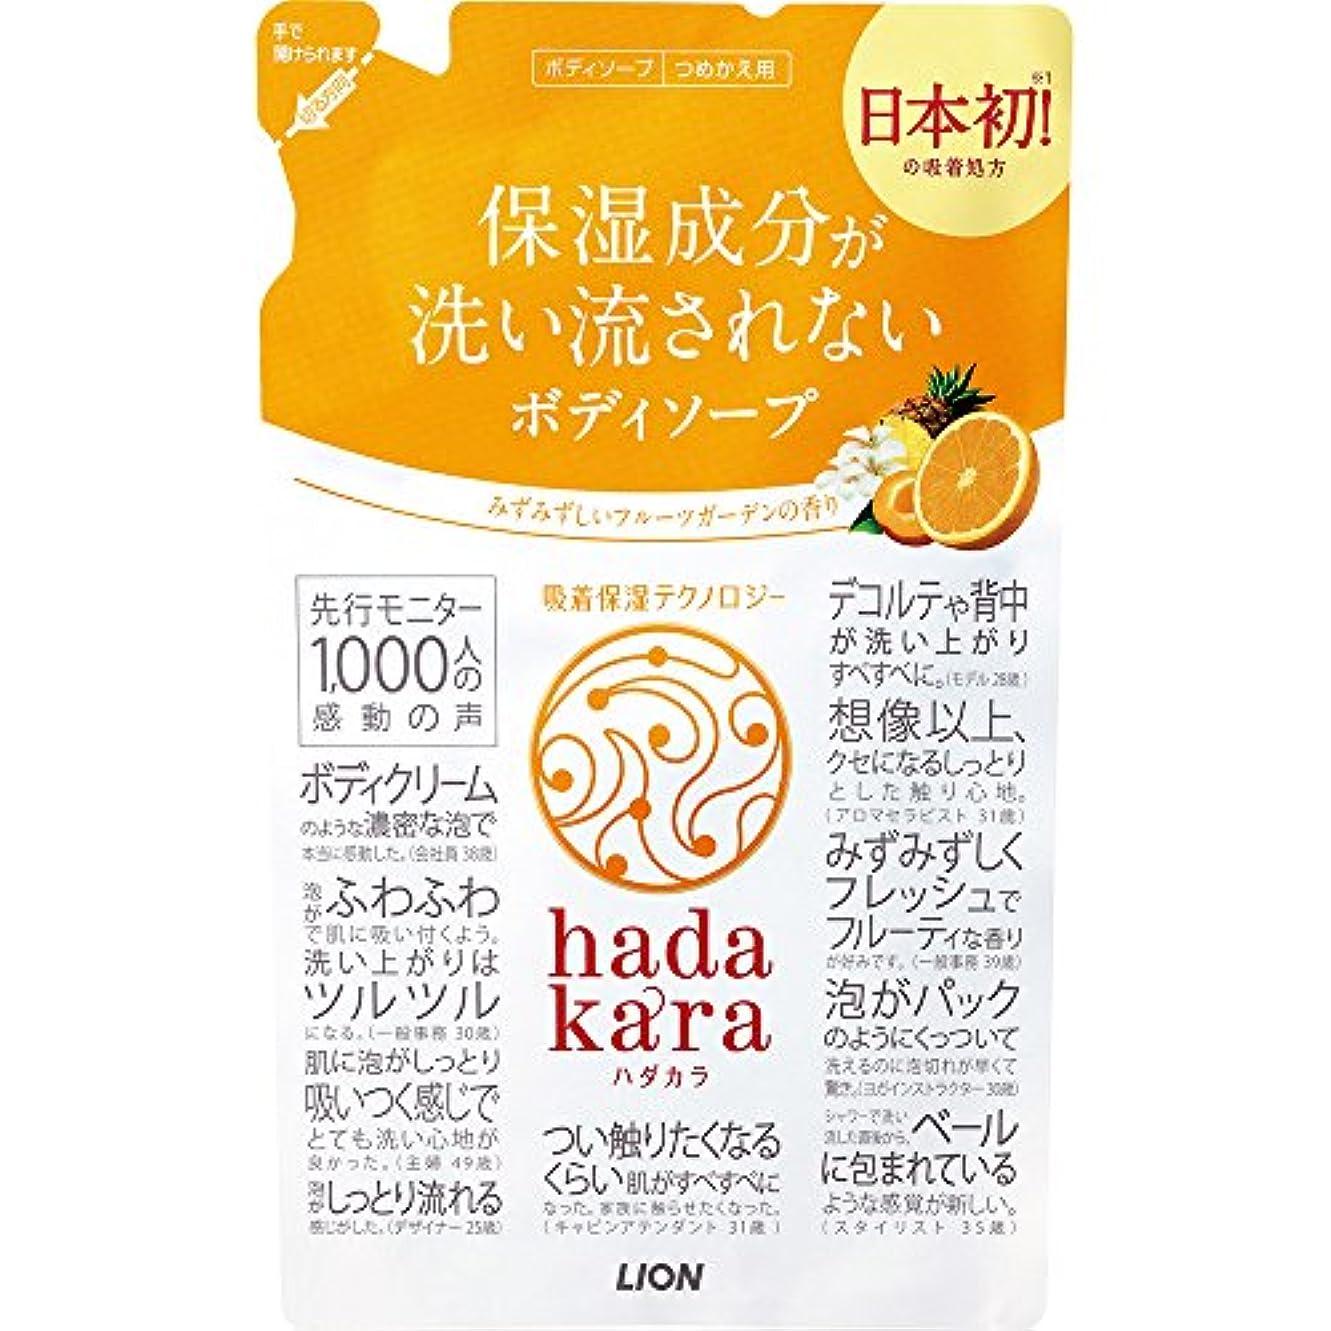 優しい変数僕のhadakara(ハダカラ) ボディソープ フルーツガーデンの香り 詰め替え 360ml